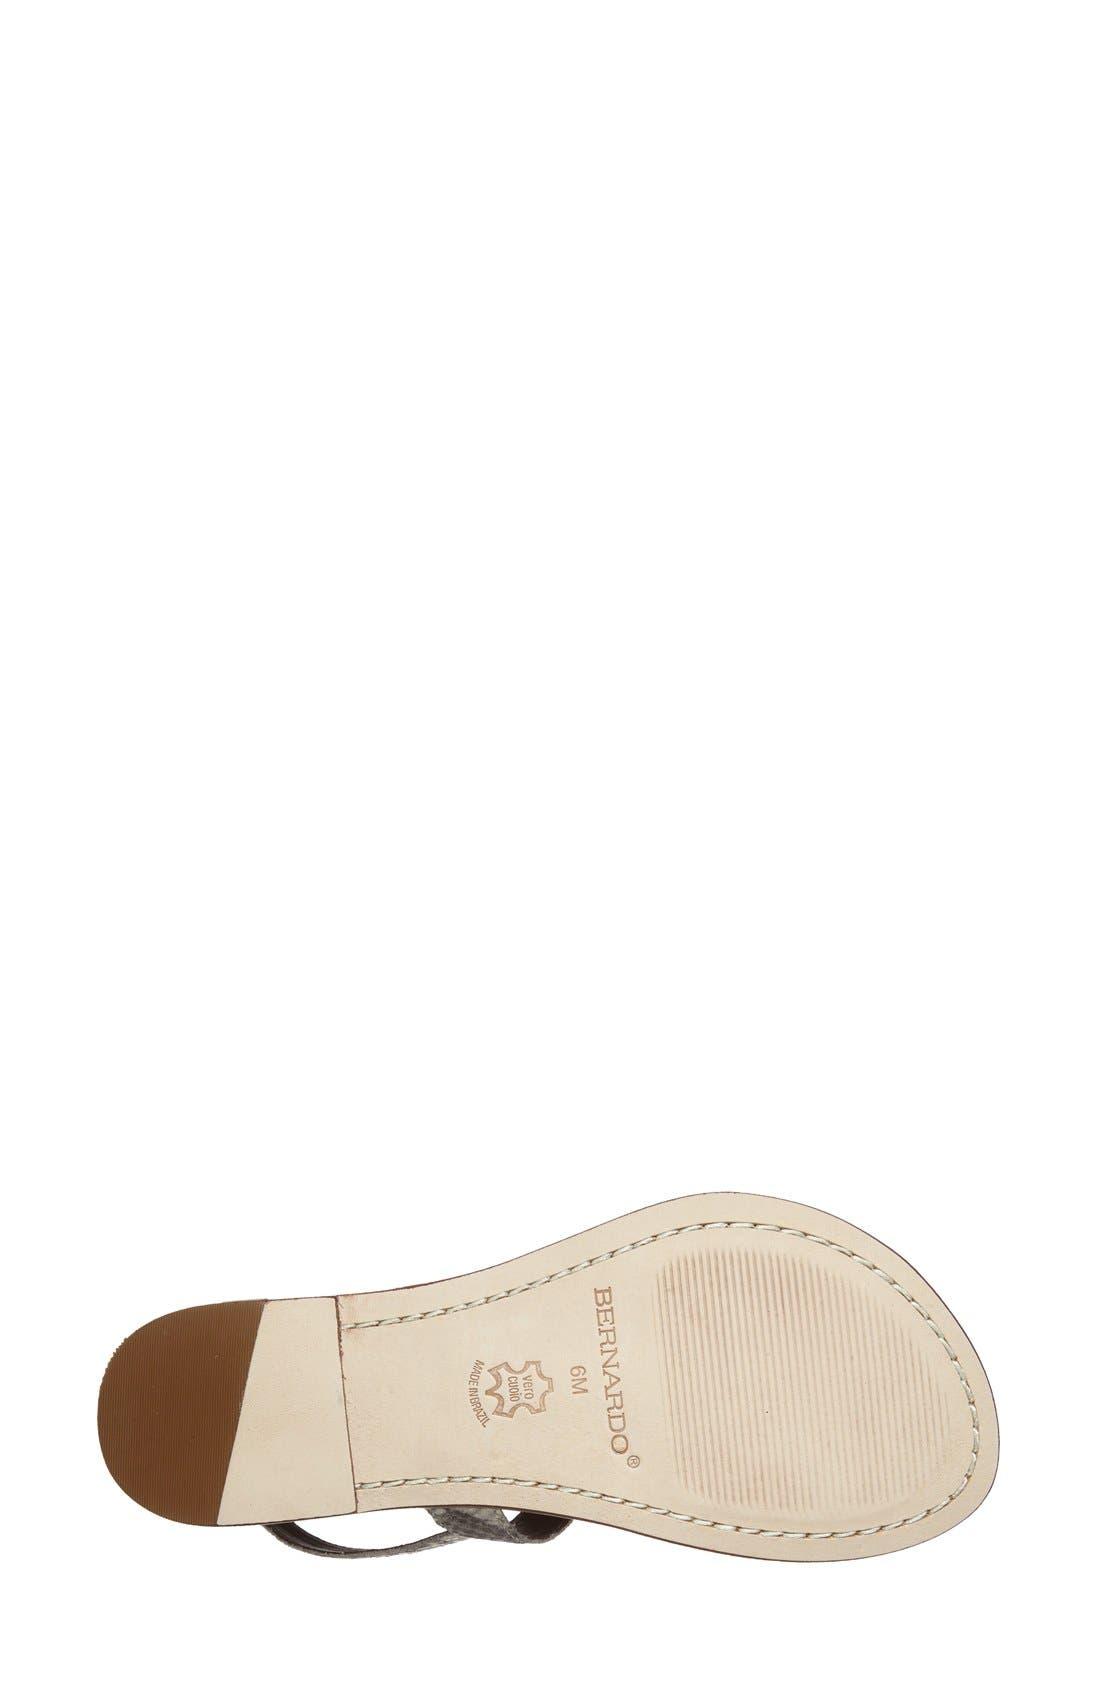 Bernardo Maverick Leather Sandal,                             Alternate thumbnail 4, color,                             Taupe Snake Print